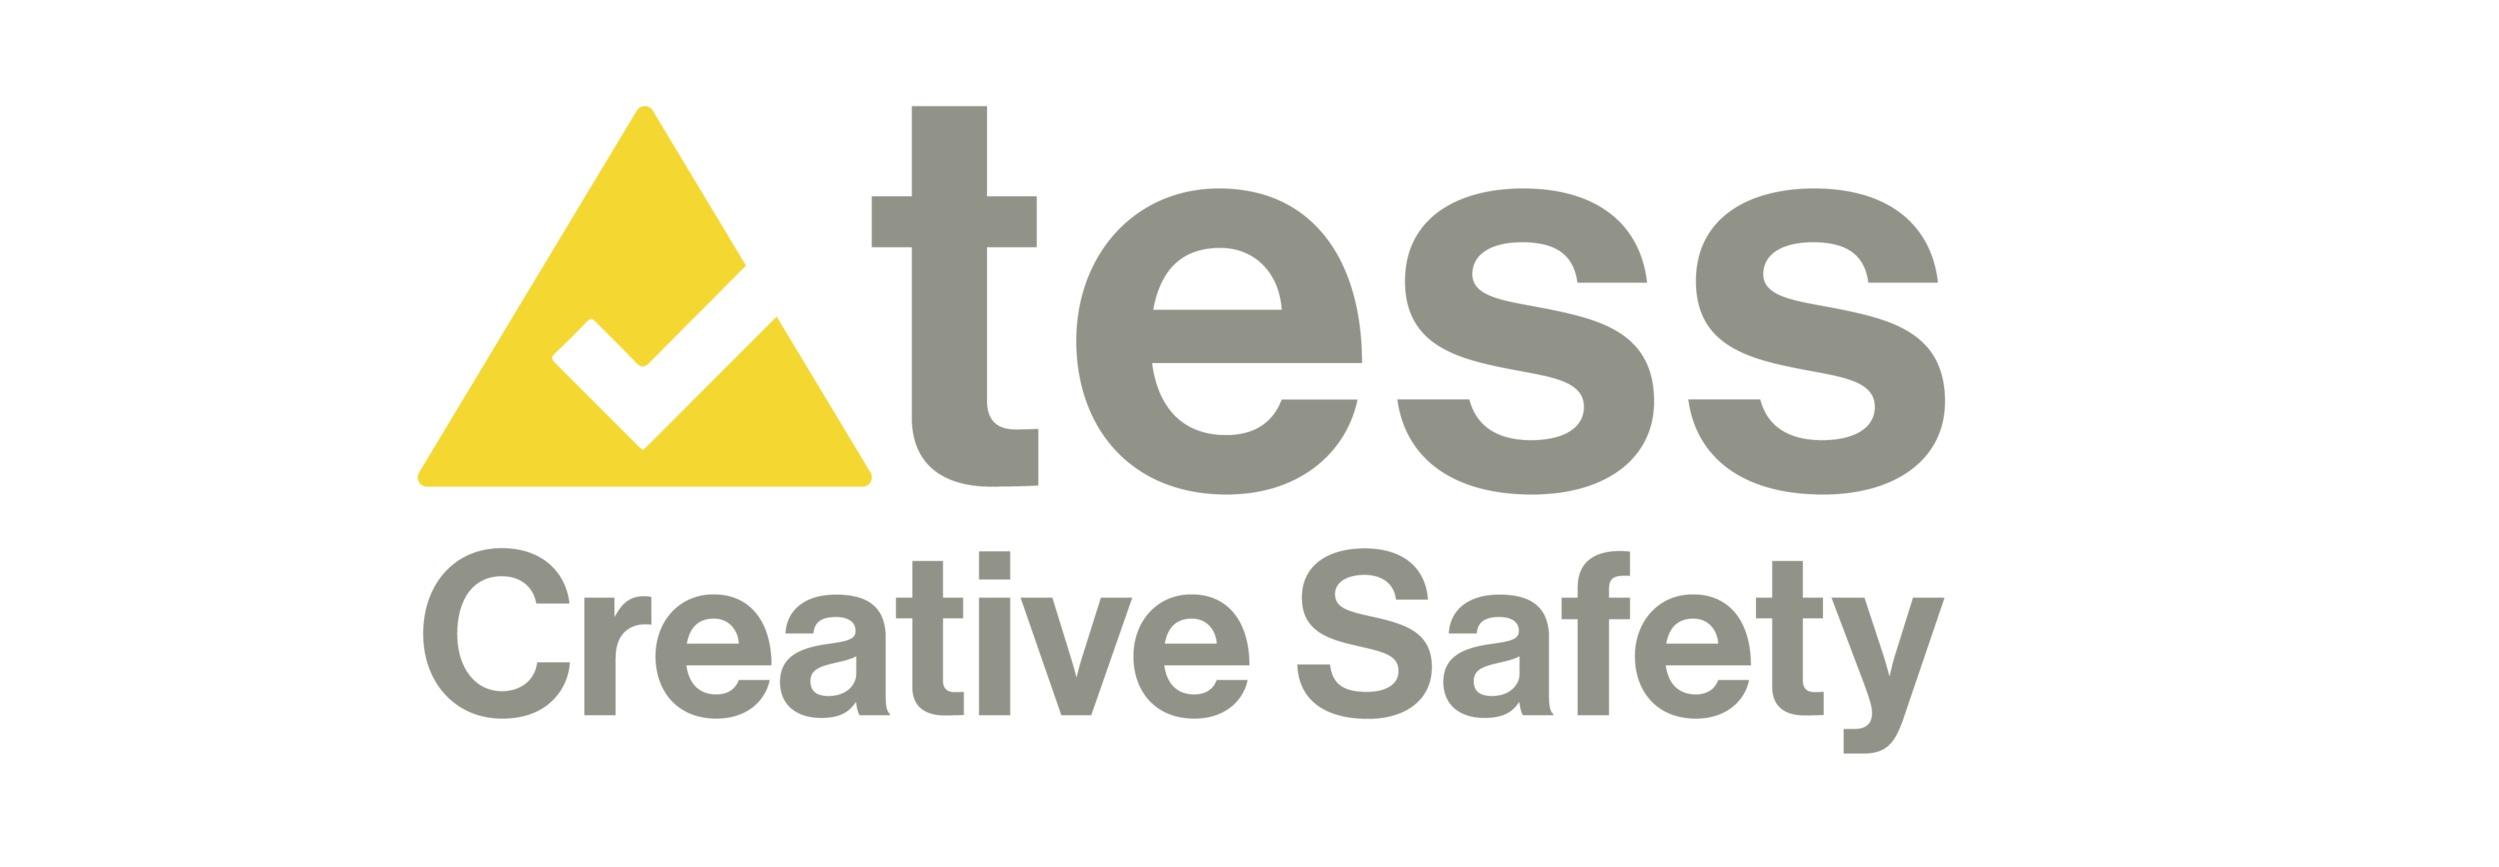 Tess Creative Safety